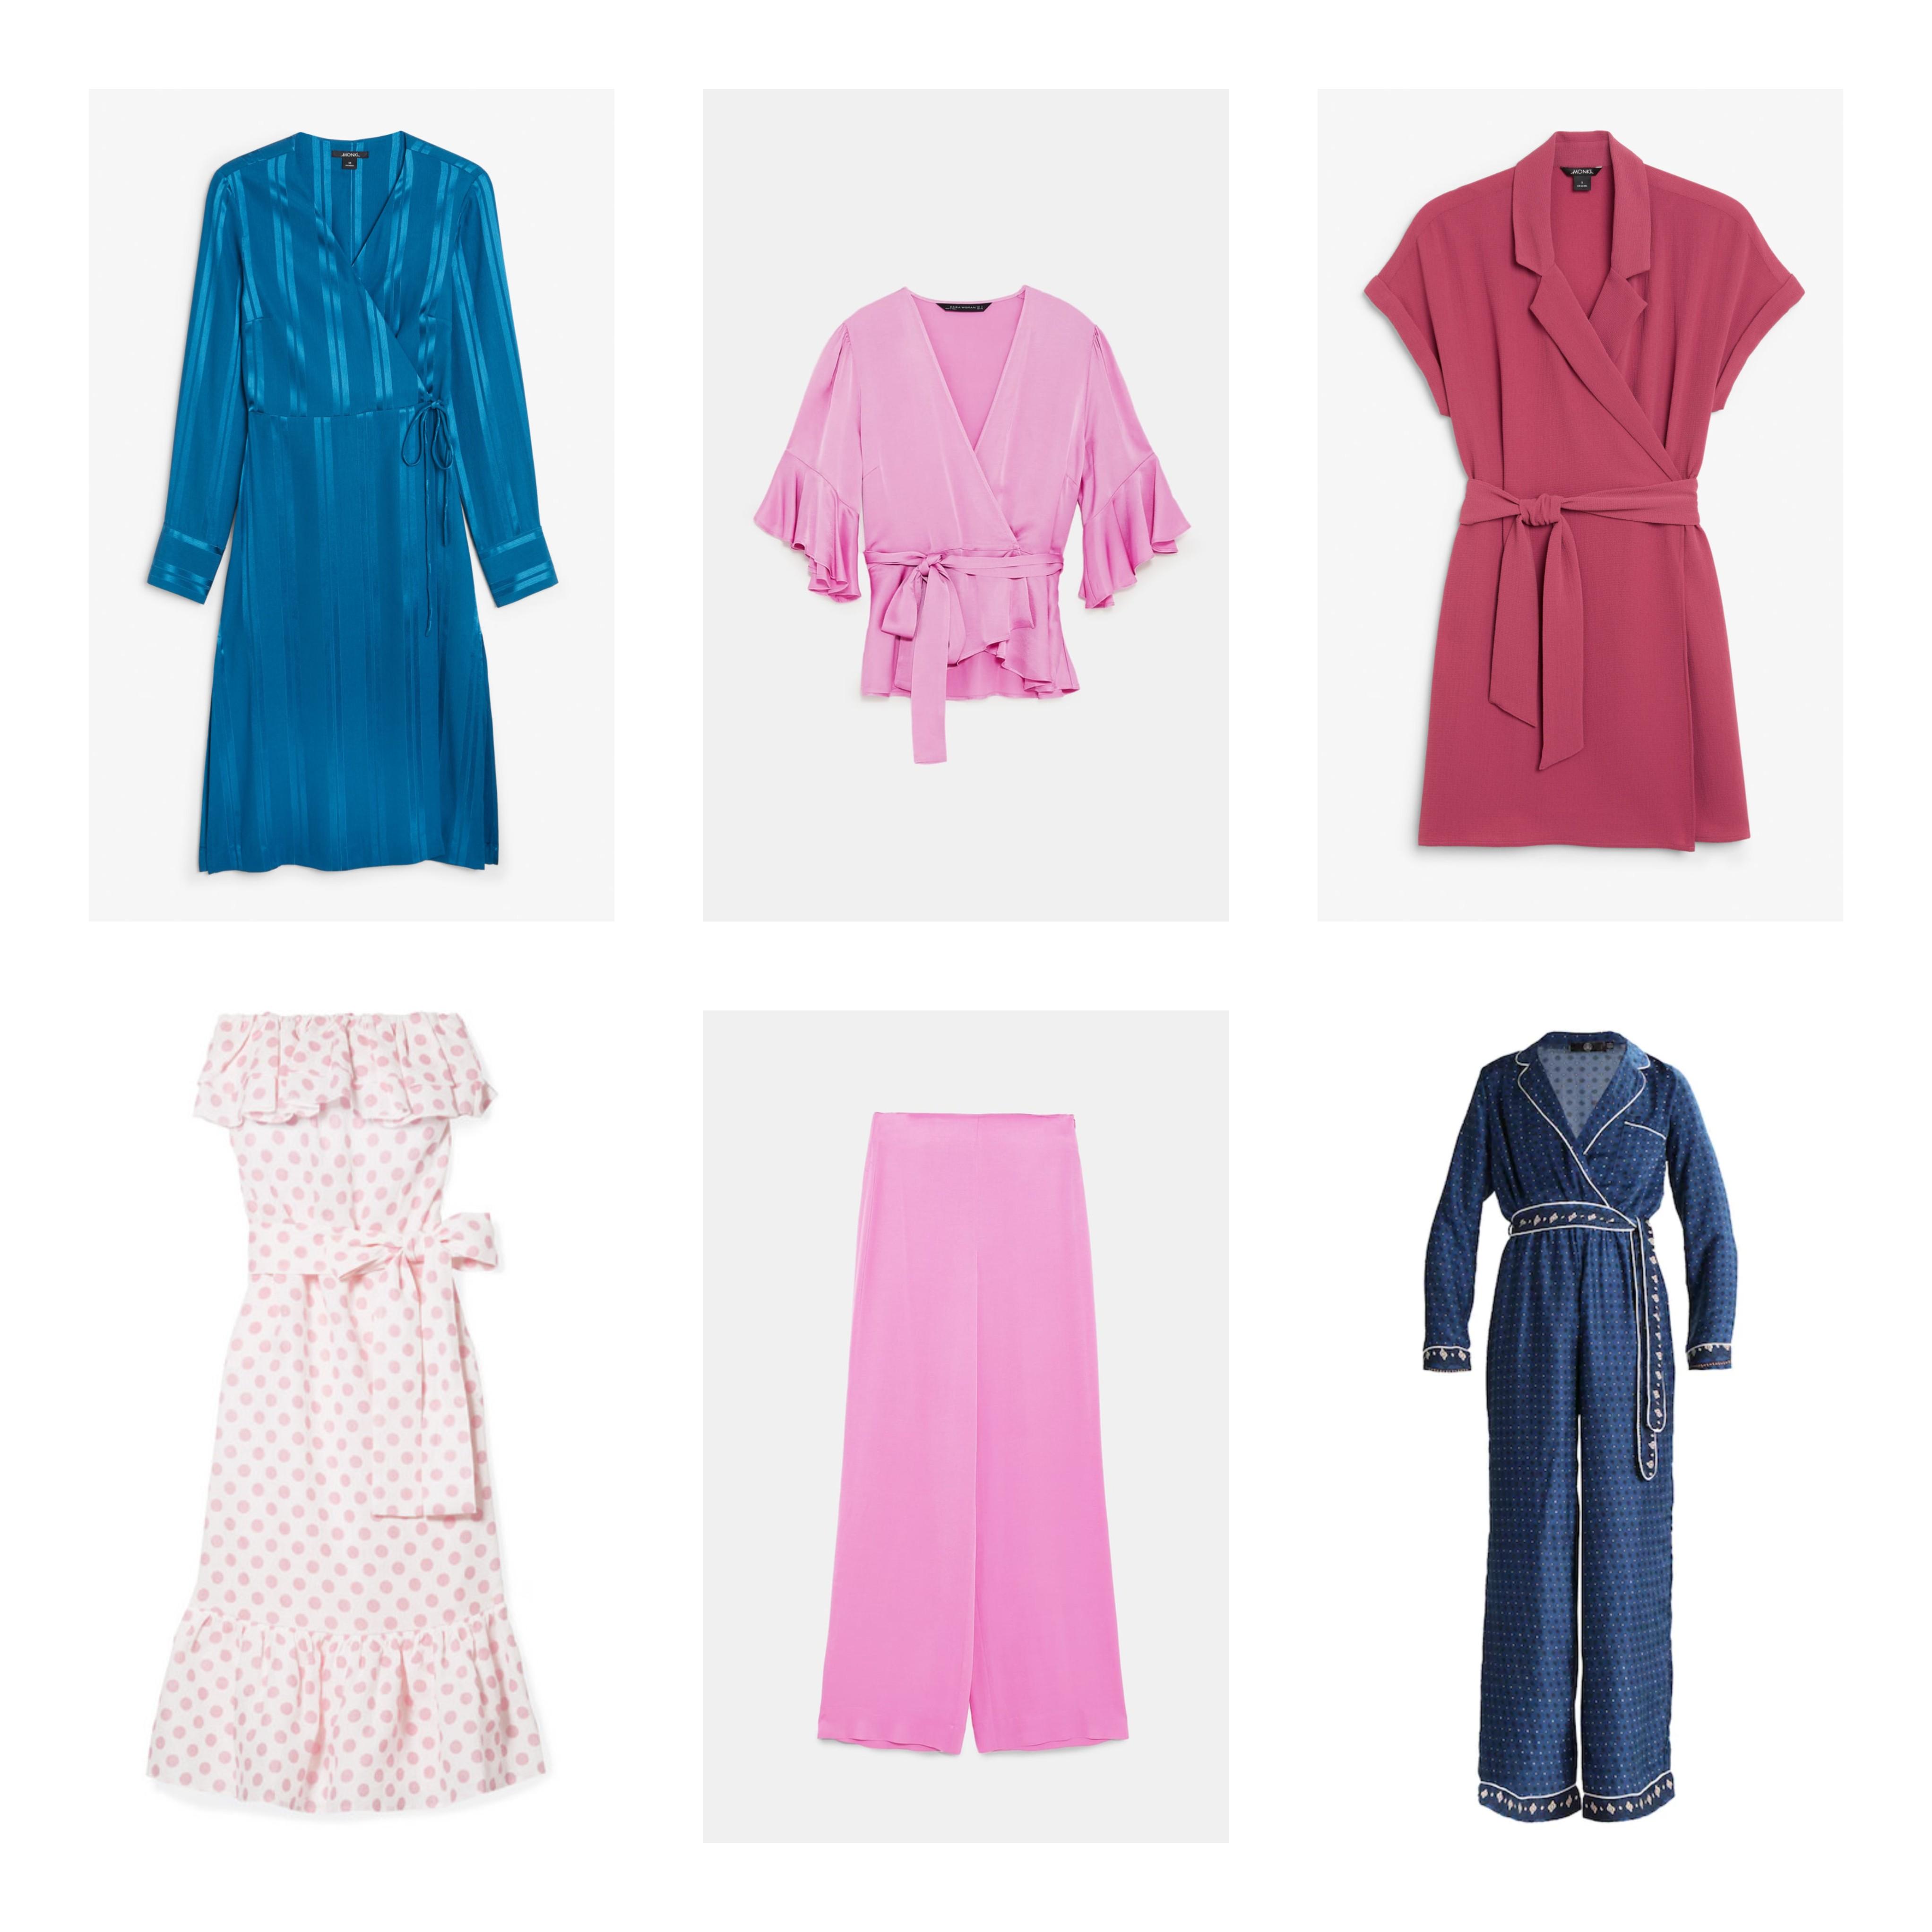 51f1a586 Blå kjole fra Monki, 350 kr // Knallrosa sett fra Zara, bukse 399 kr, bluse  350 kr // Mørk rosa kjole fra Monki, 250 kr // Hvit og rosa prikkete kjole  fra ...